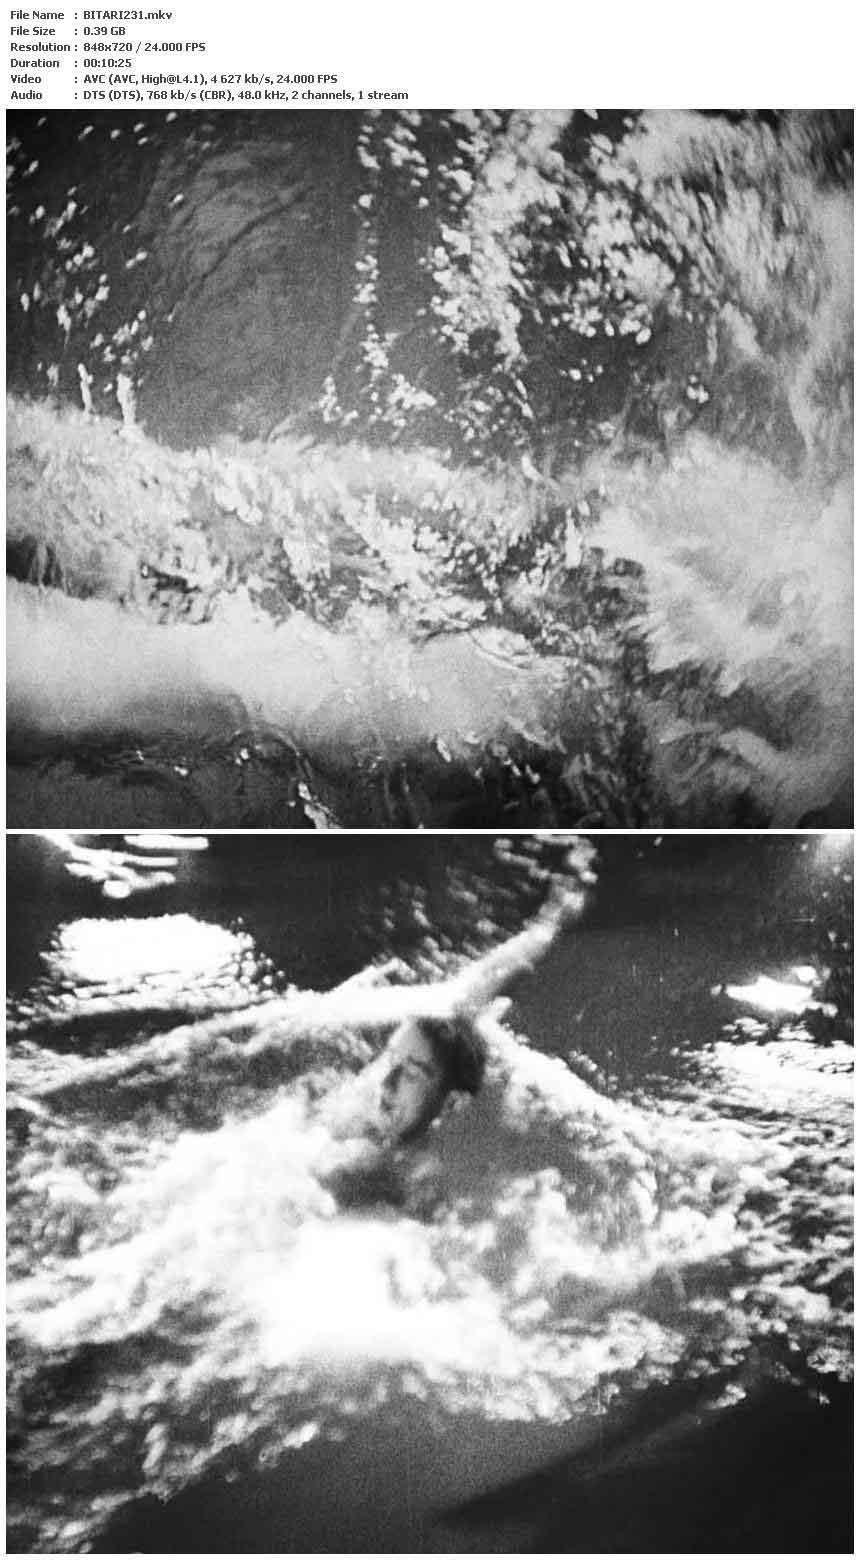 Taris (1931)